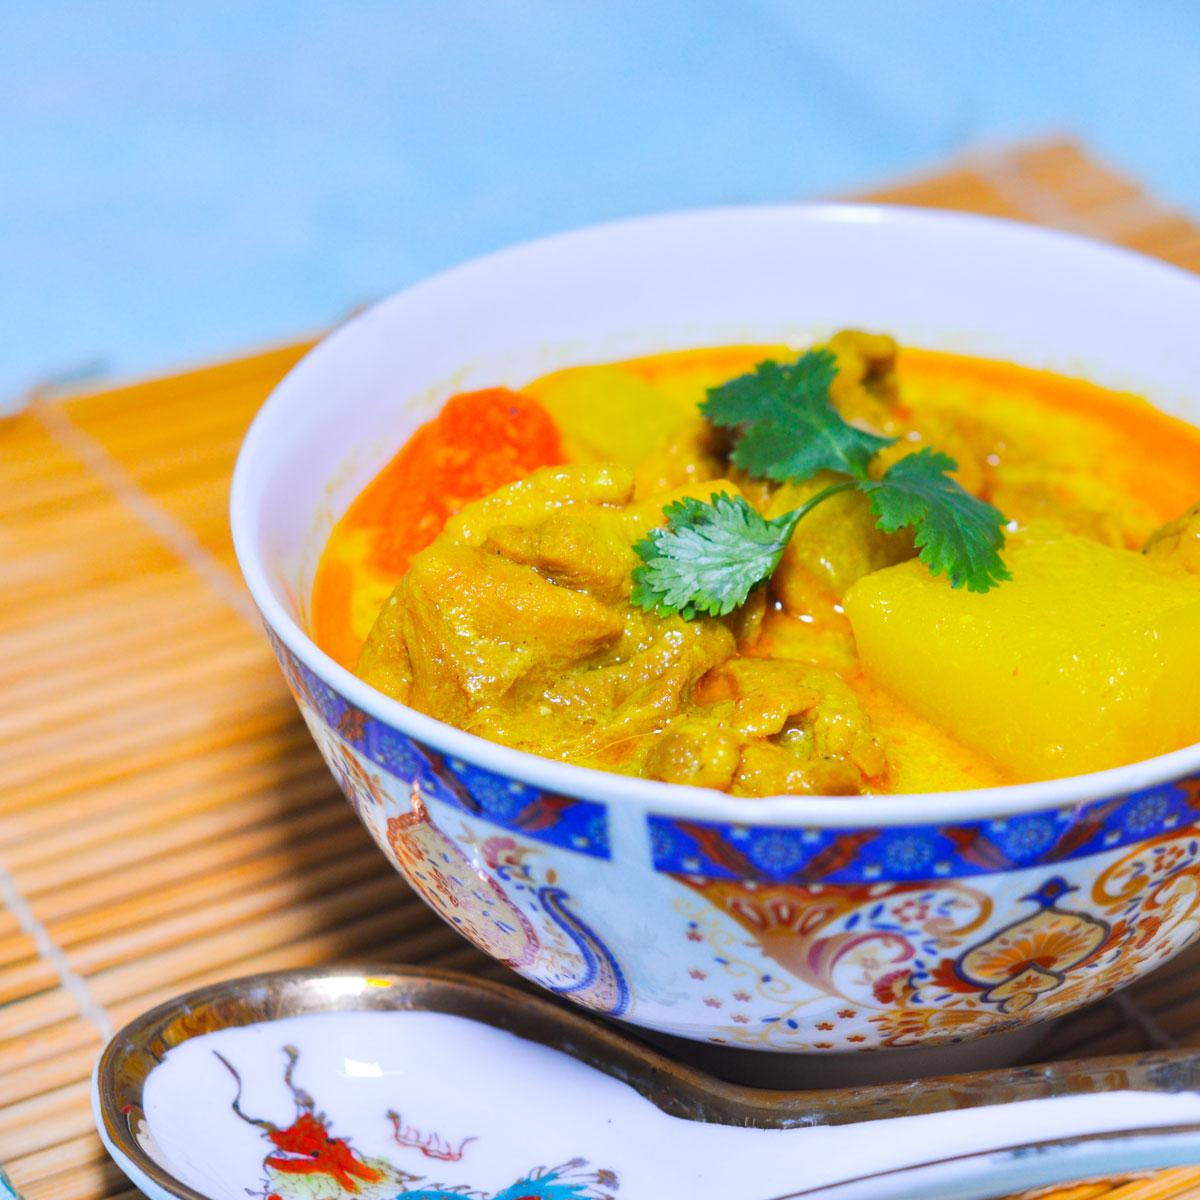 Recette curry de poulet à la thaï - Cuisine / Madame Figaro